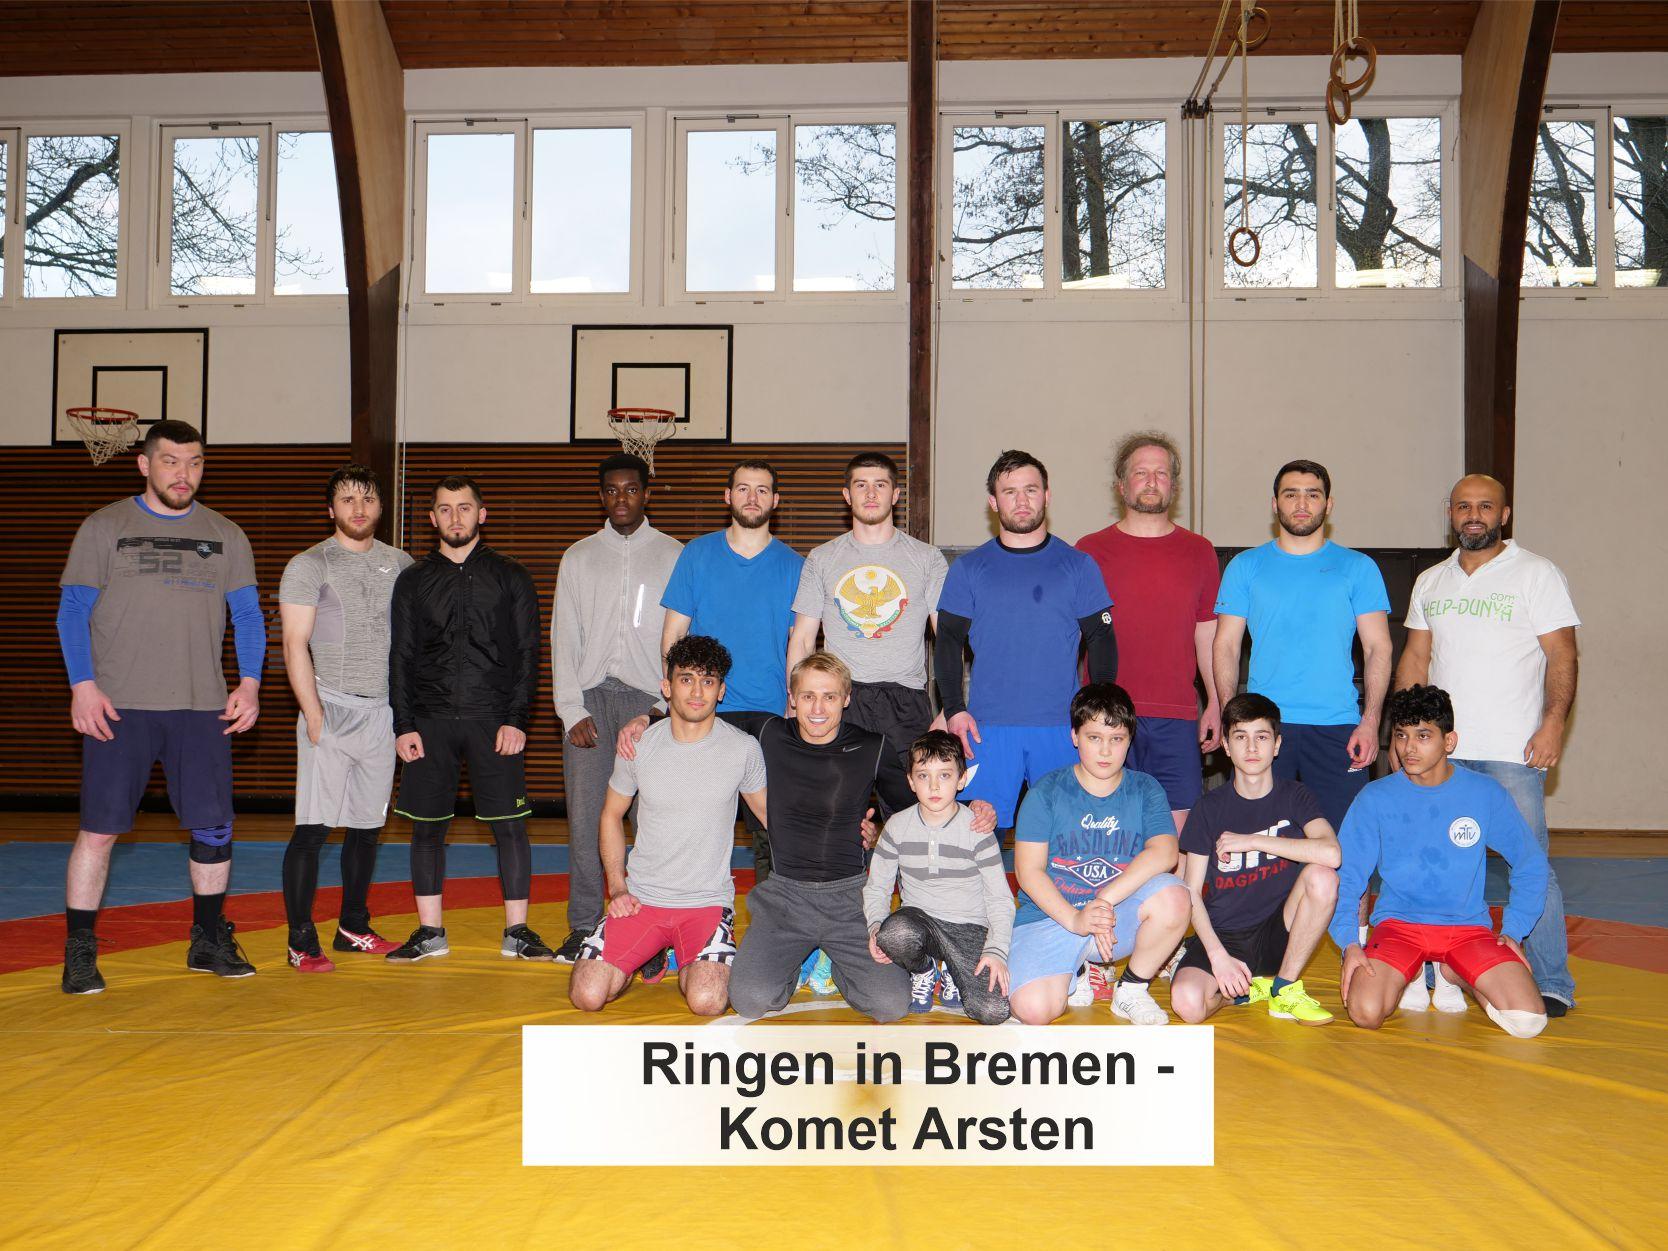 Help Dunya Sport für die Jugend